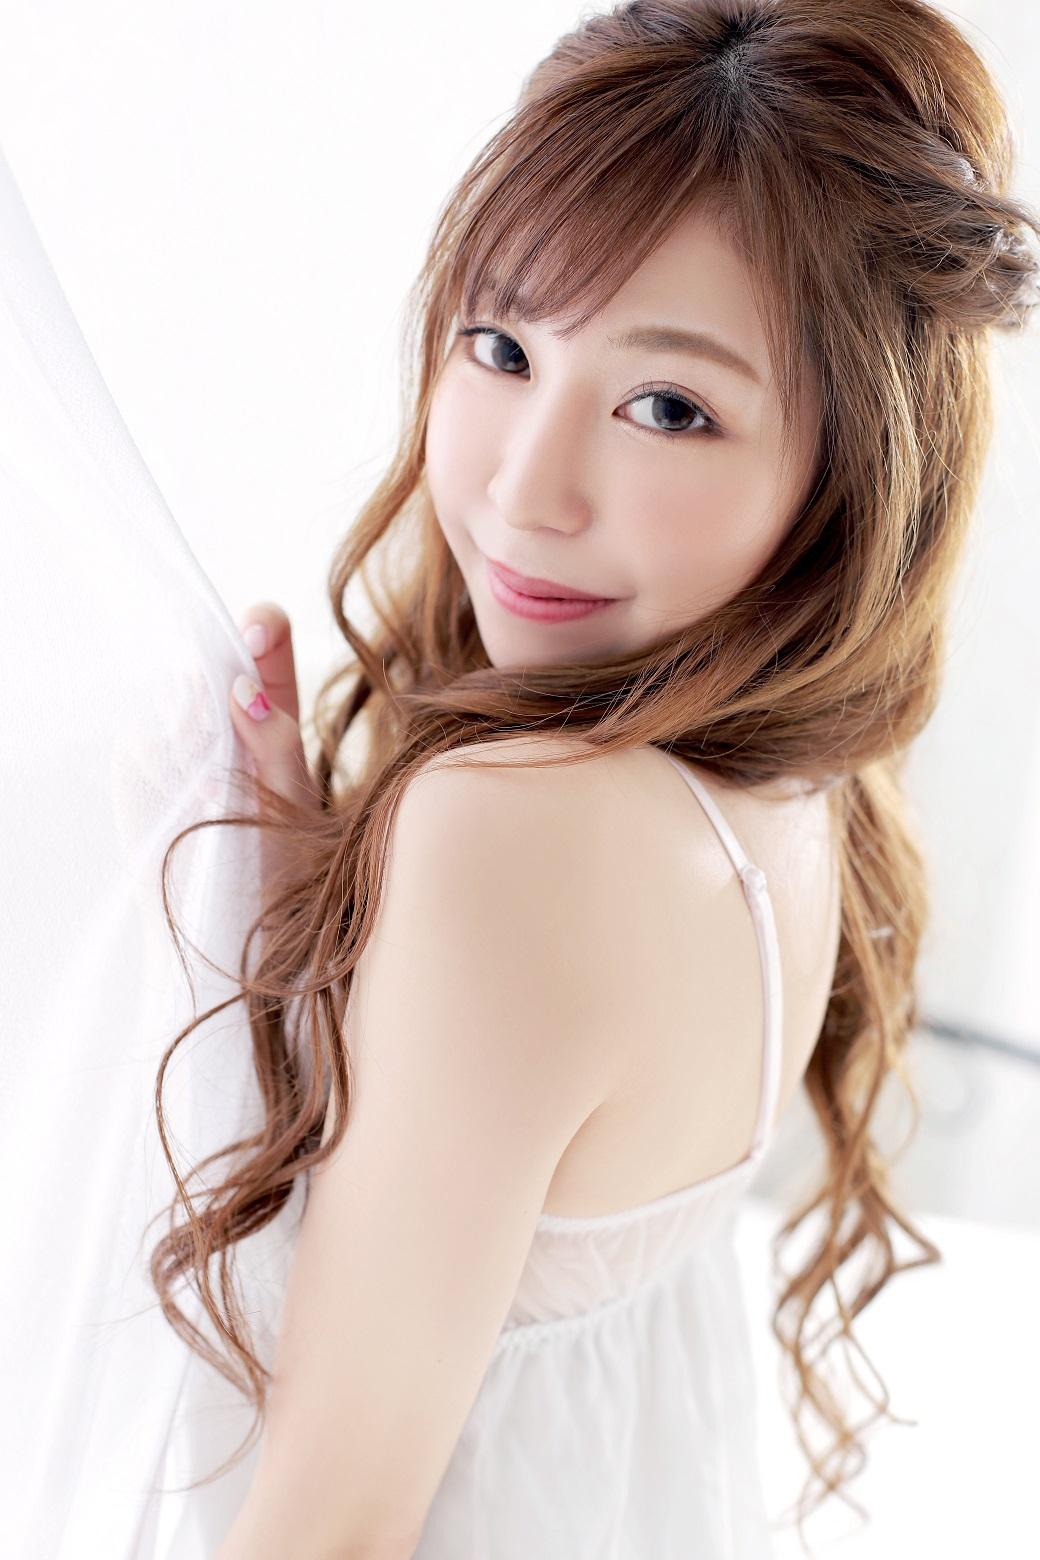 ichinose_emiri_s_t_06